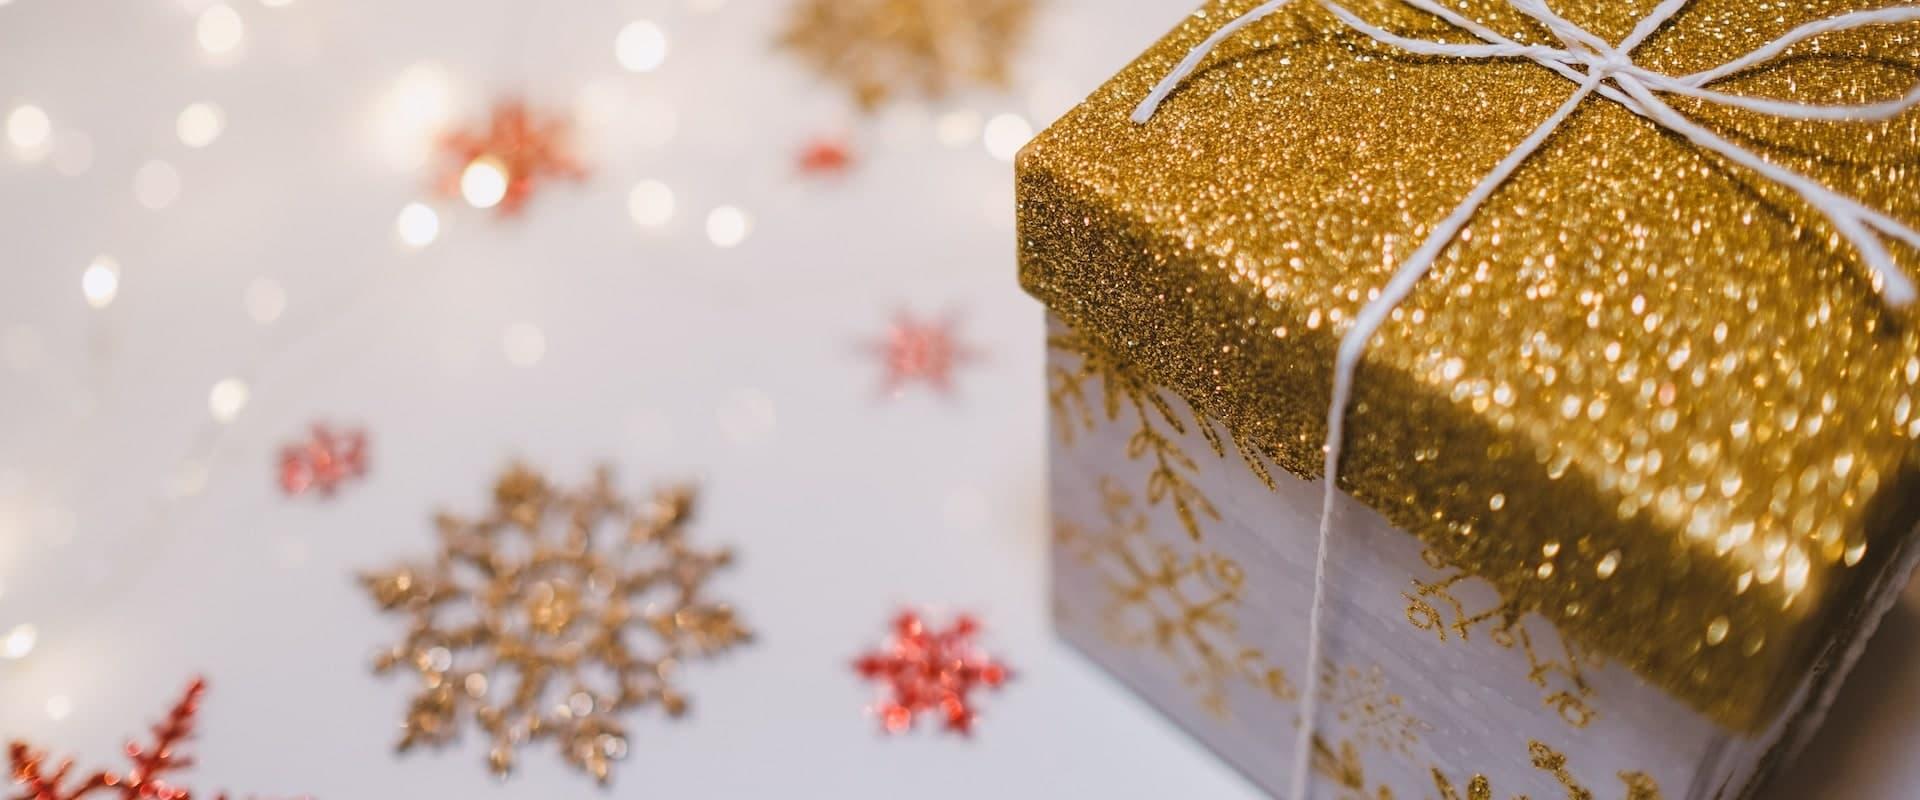 Geschenk gold weiss